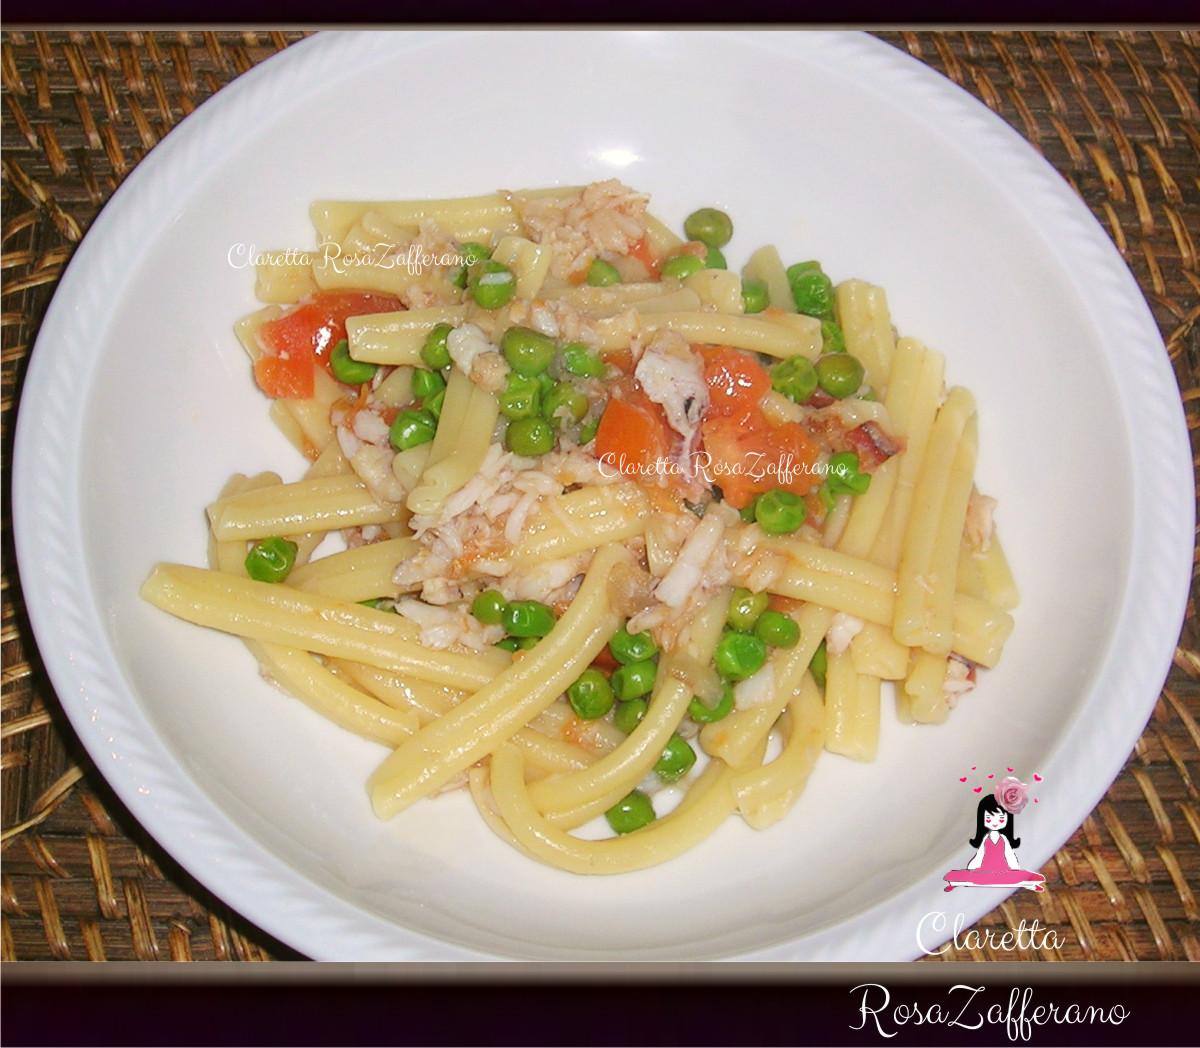 Canoce ricette, Caserecce con canoce e piselli